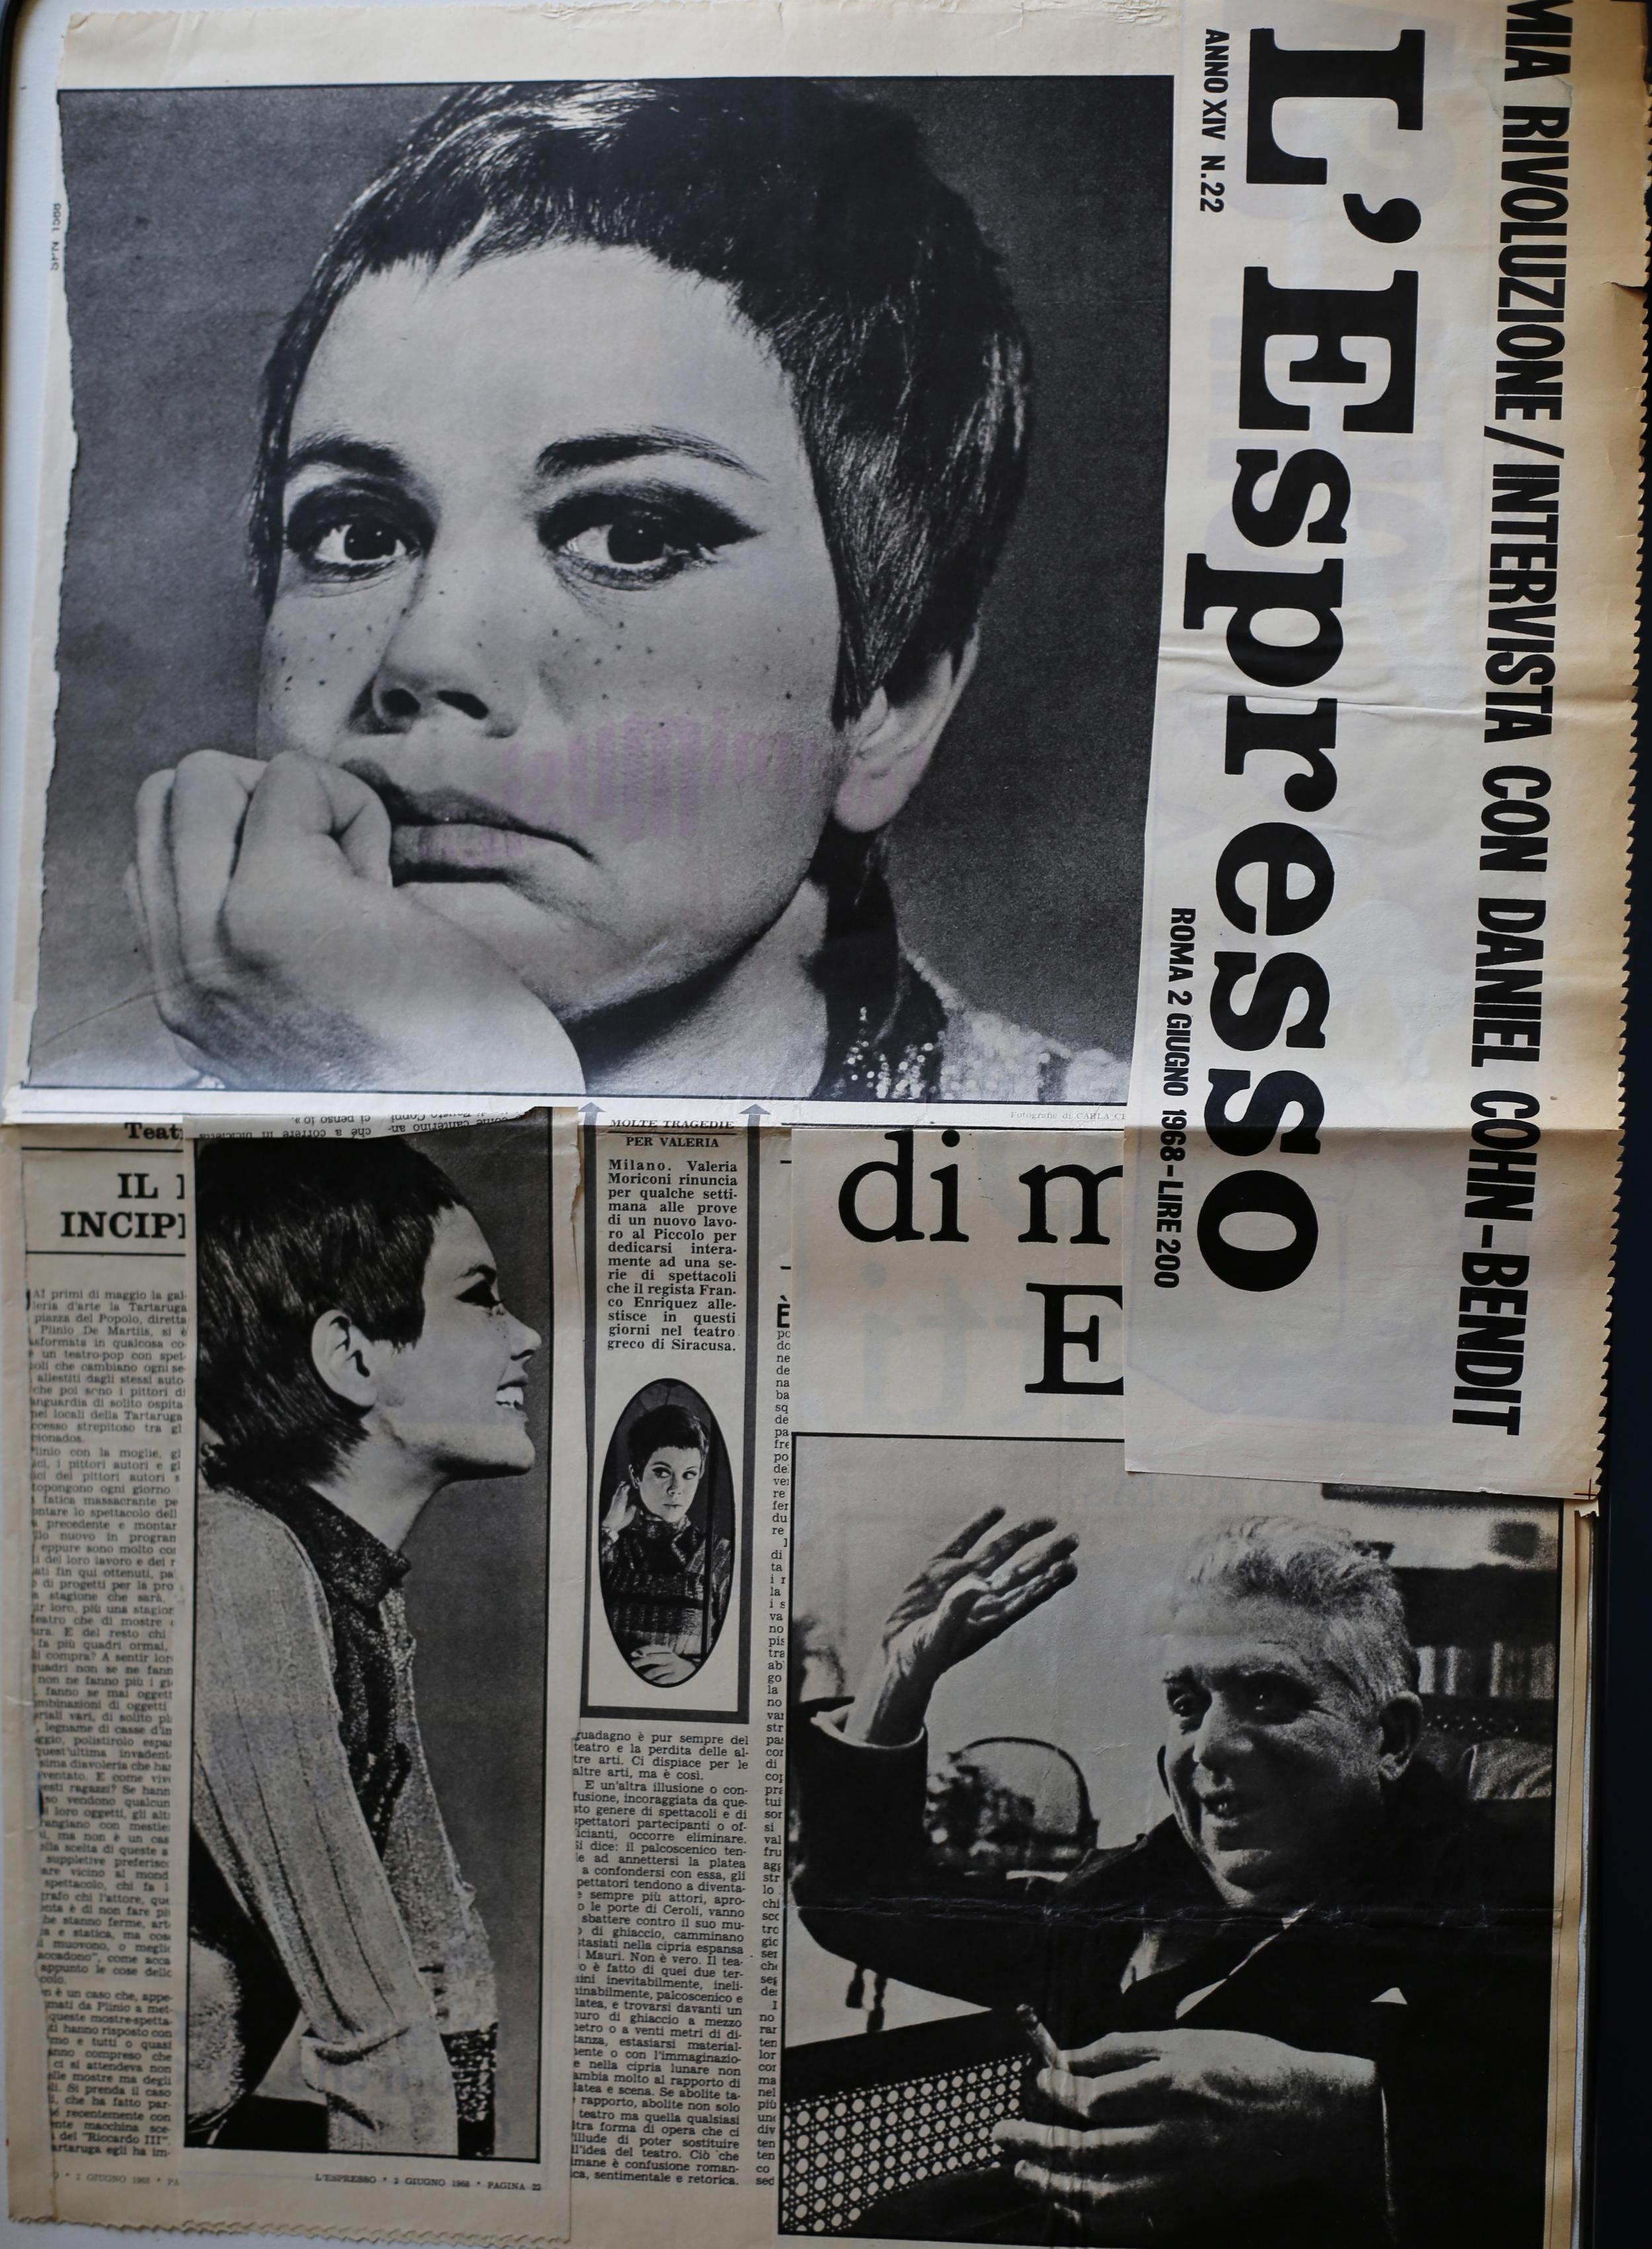 Valeria Moriconi e Eugenio Montale. Foto di Carla Cerati, pubblicate su L'Espresso (2 giugno, 1968).